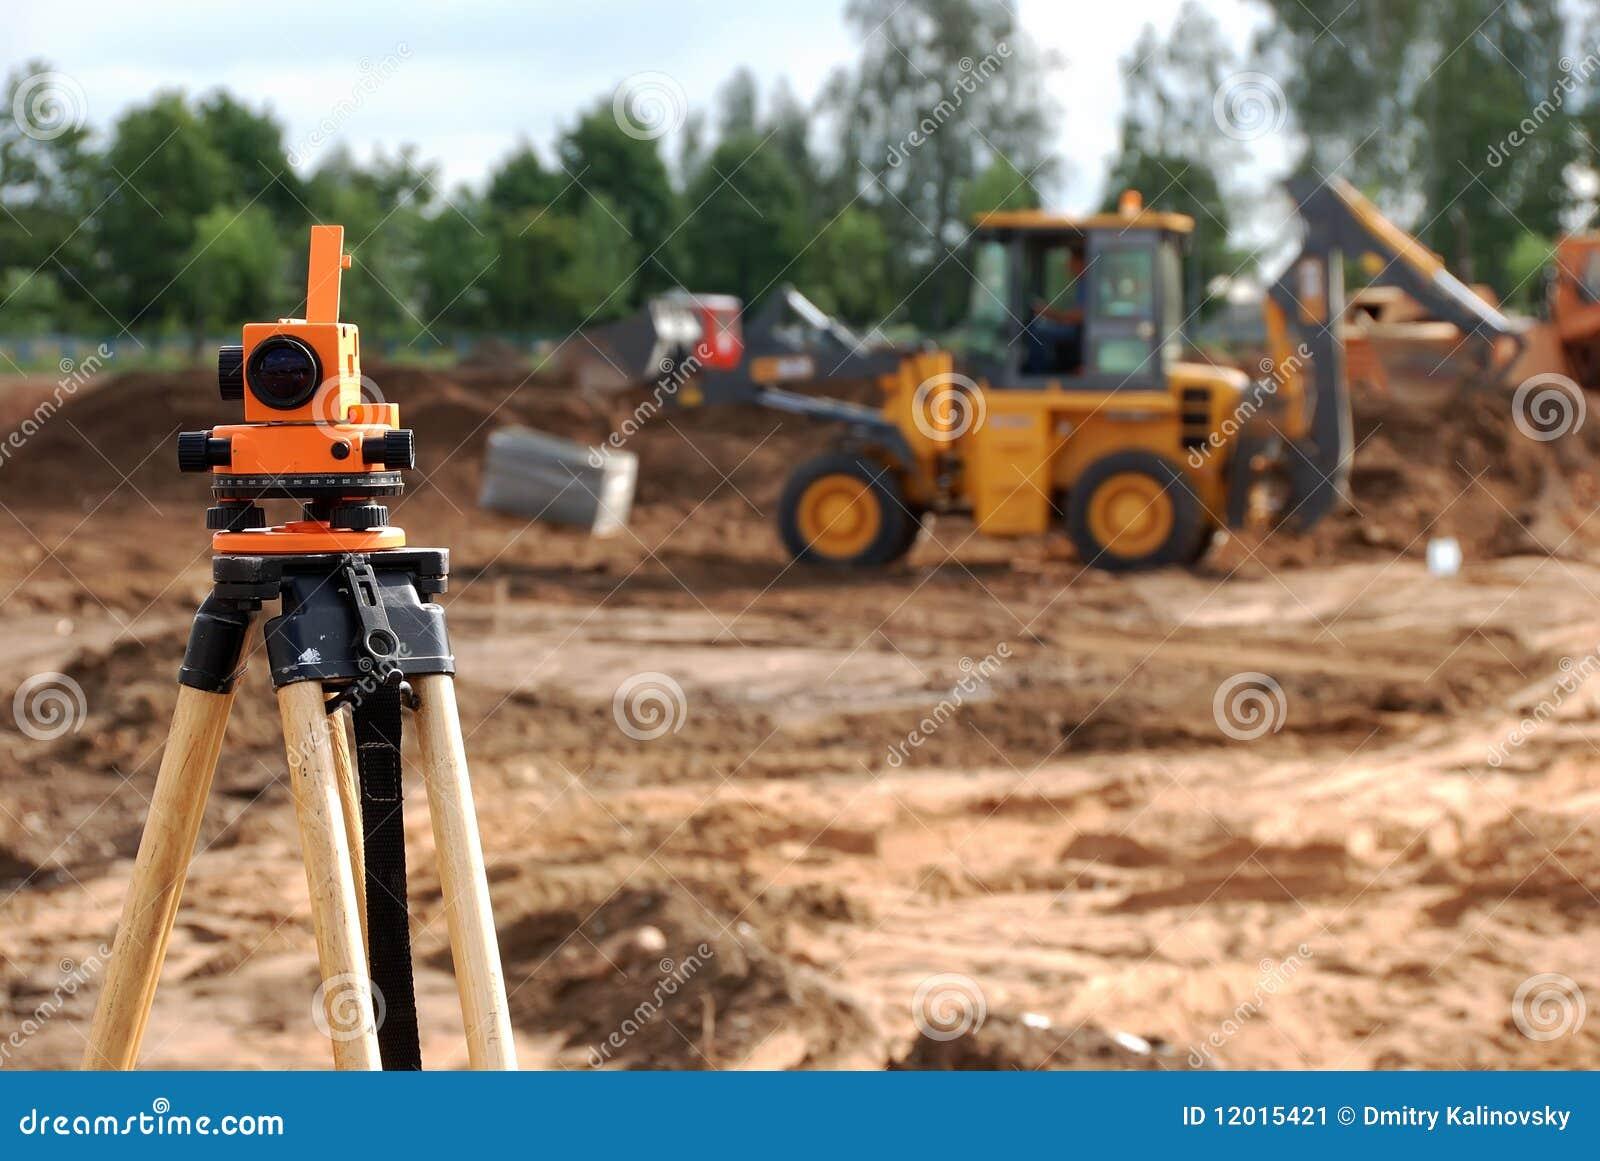 Théodolite au chantier de construction